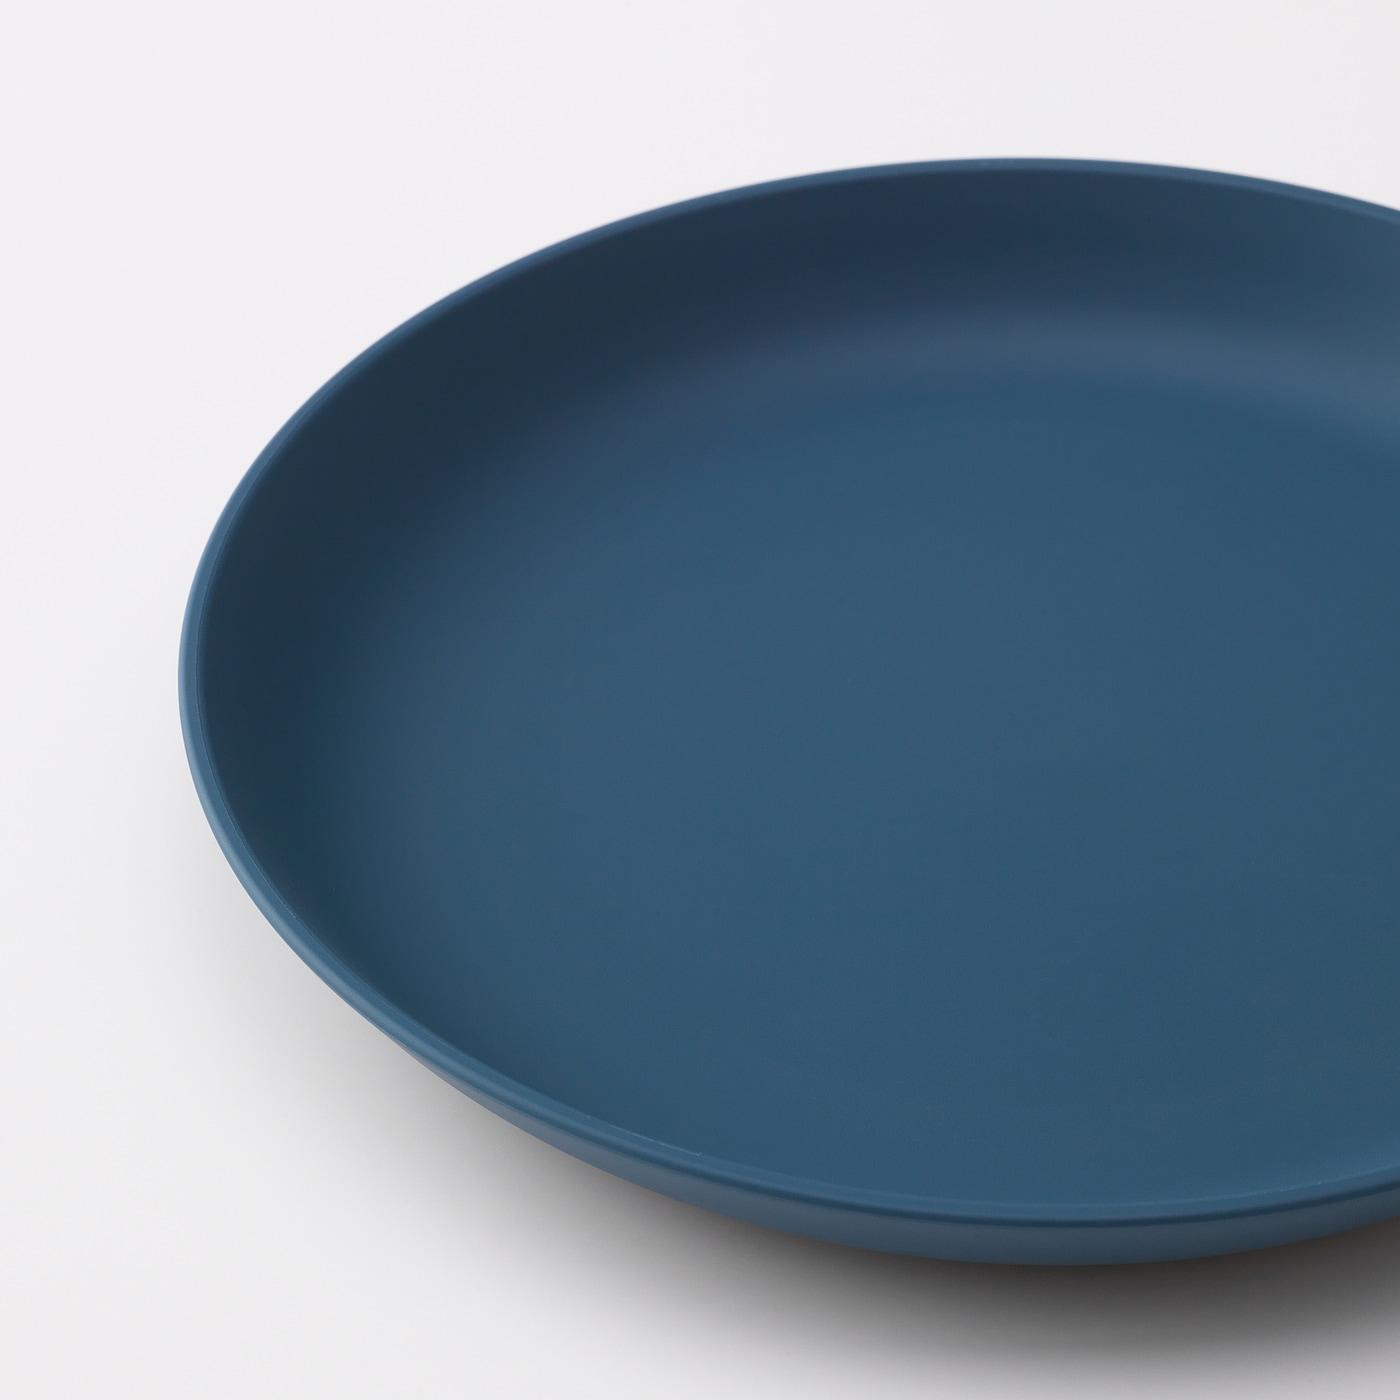 TALRIKA Dessertteller, dunkelblau, 19 cm